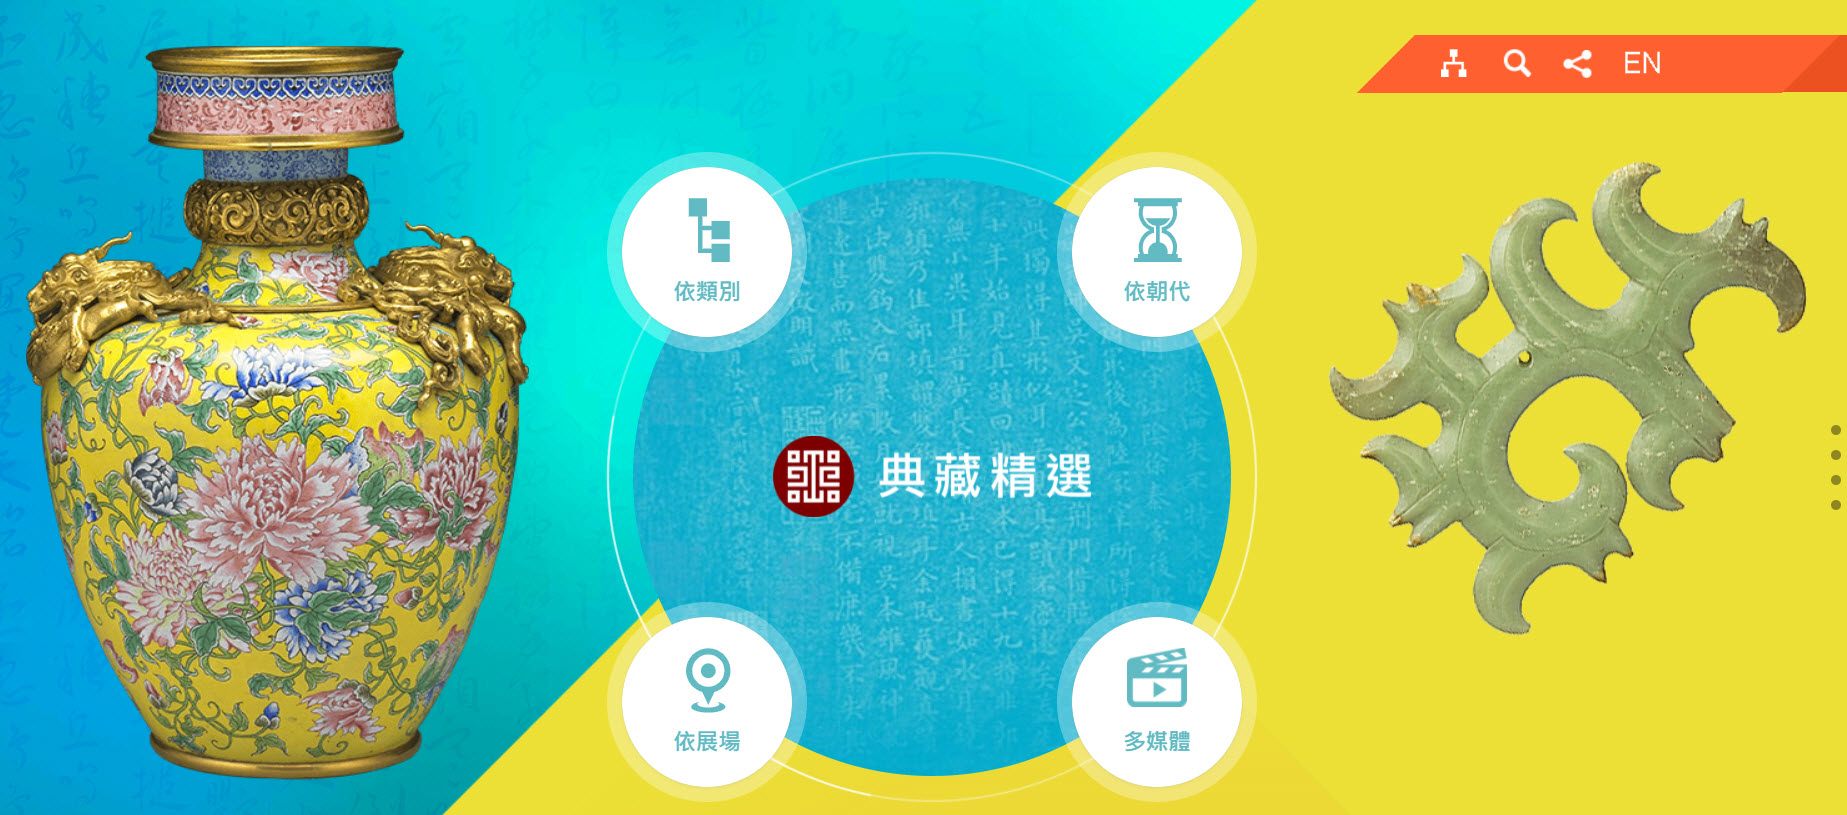 國寶新視界—谿山行旅圖(8K版本)